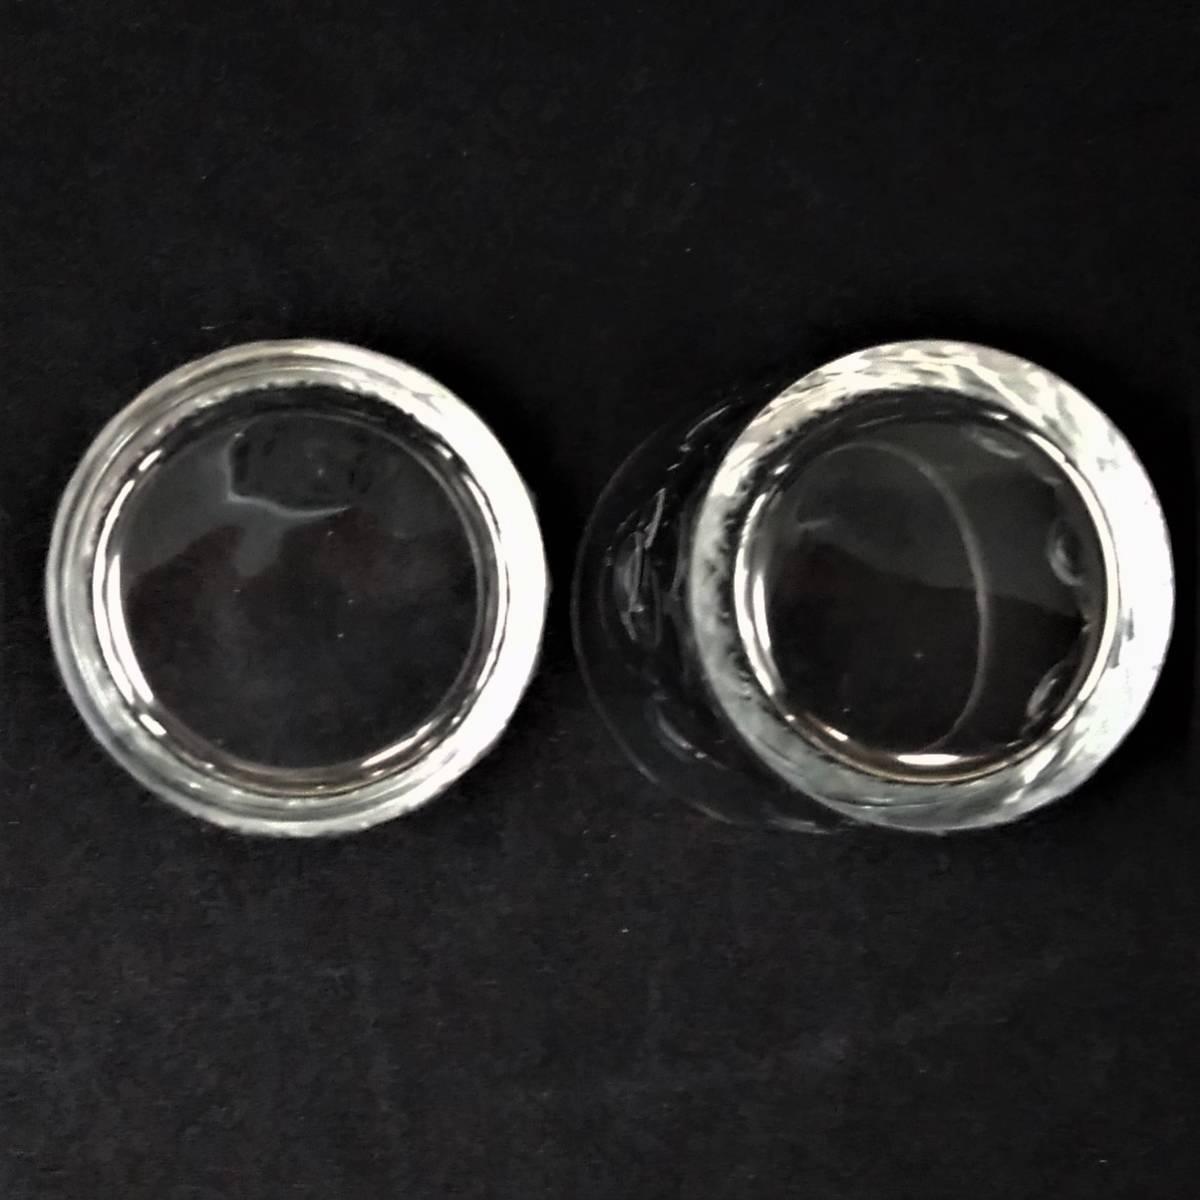 バカラ BACCARAT リシュリュー Richelieu ショットグラス リキュールグラス 2客セット H4.7cm 087◆冷酒 クリスタル タンブラー ゴブレット_画像6